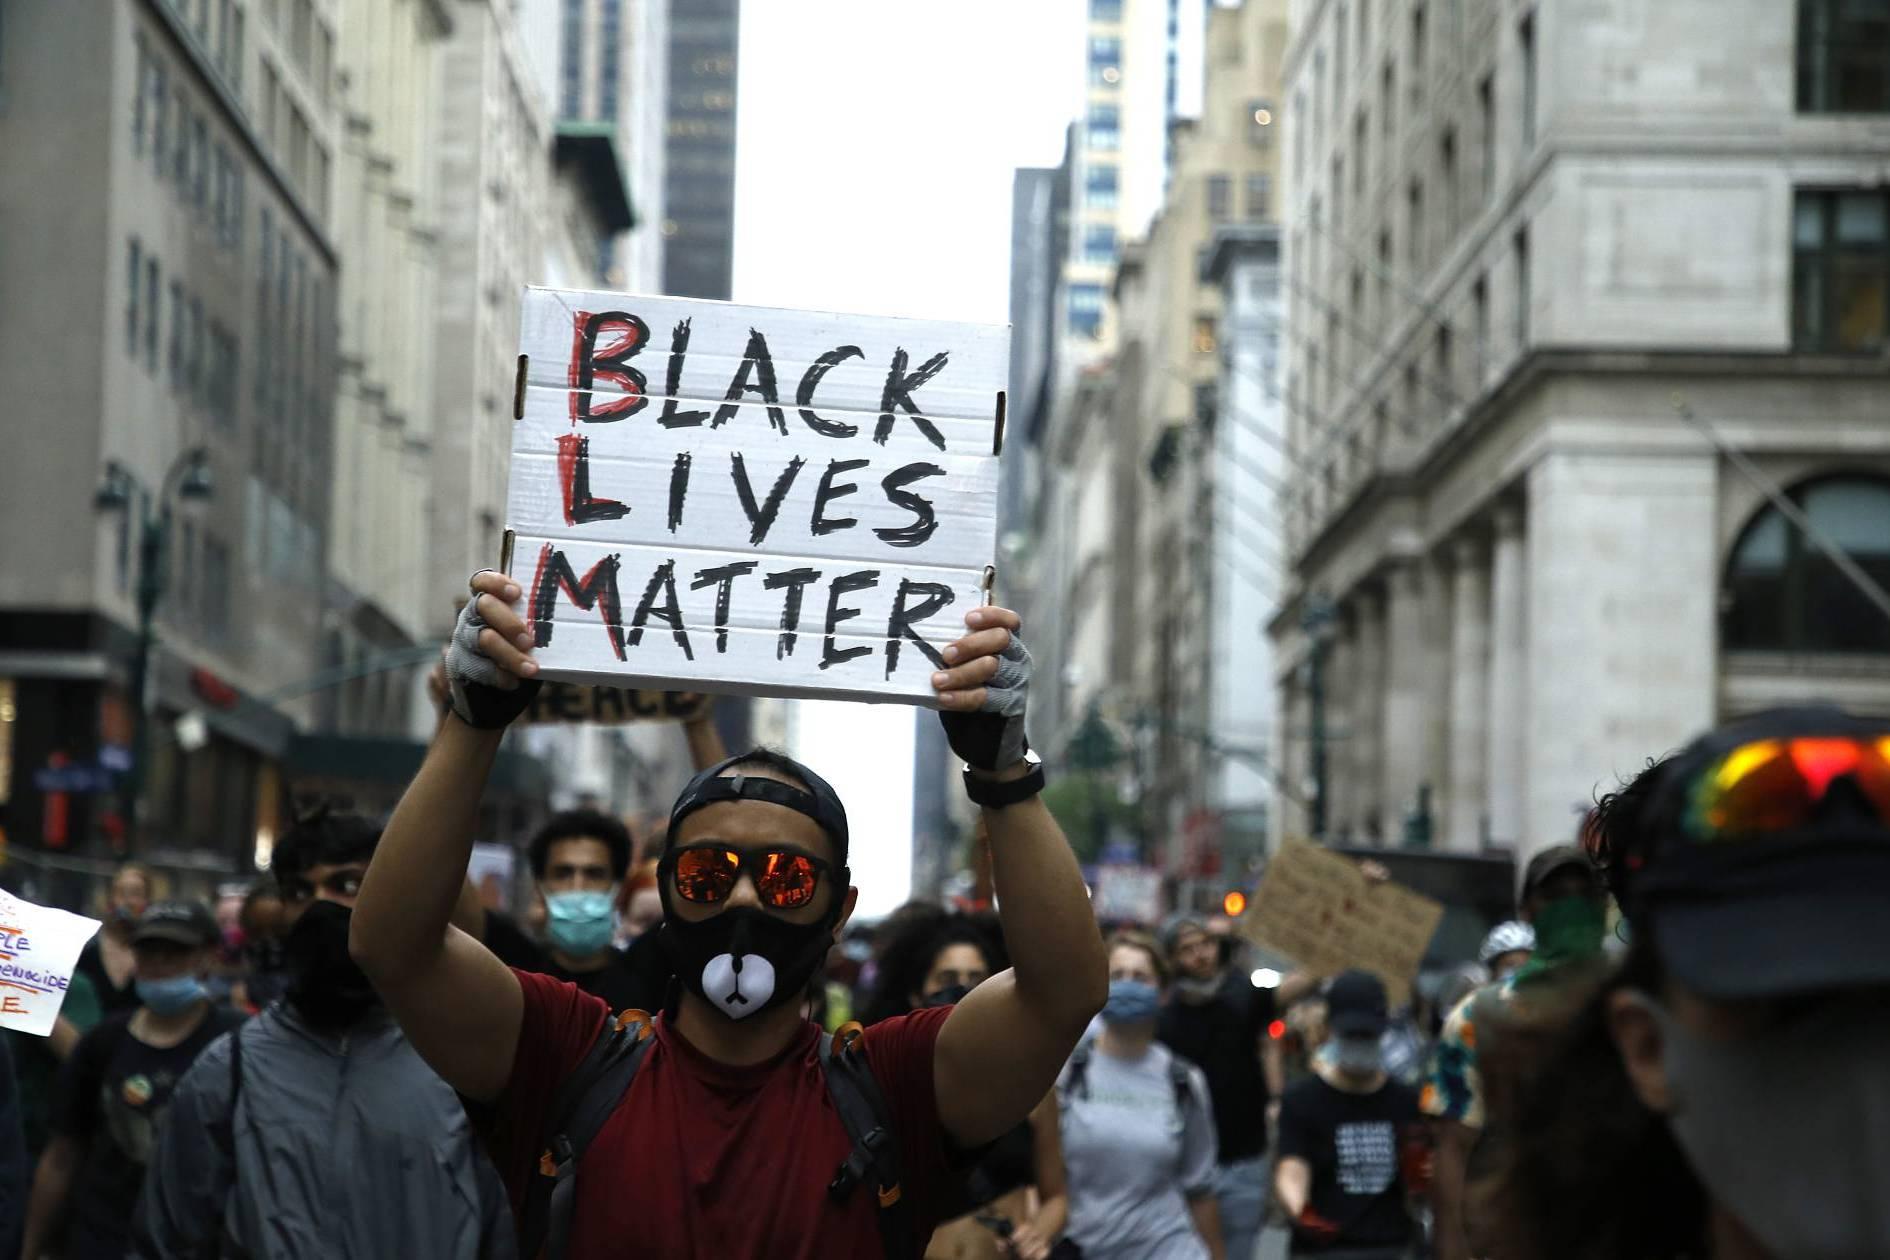 Pixelar caras y borrar metadatos en fotos: la tecnología usada en las protestas de EE.UU.